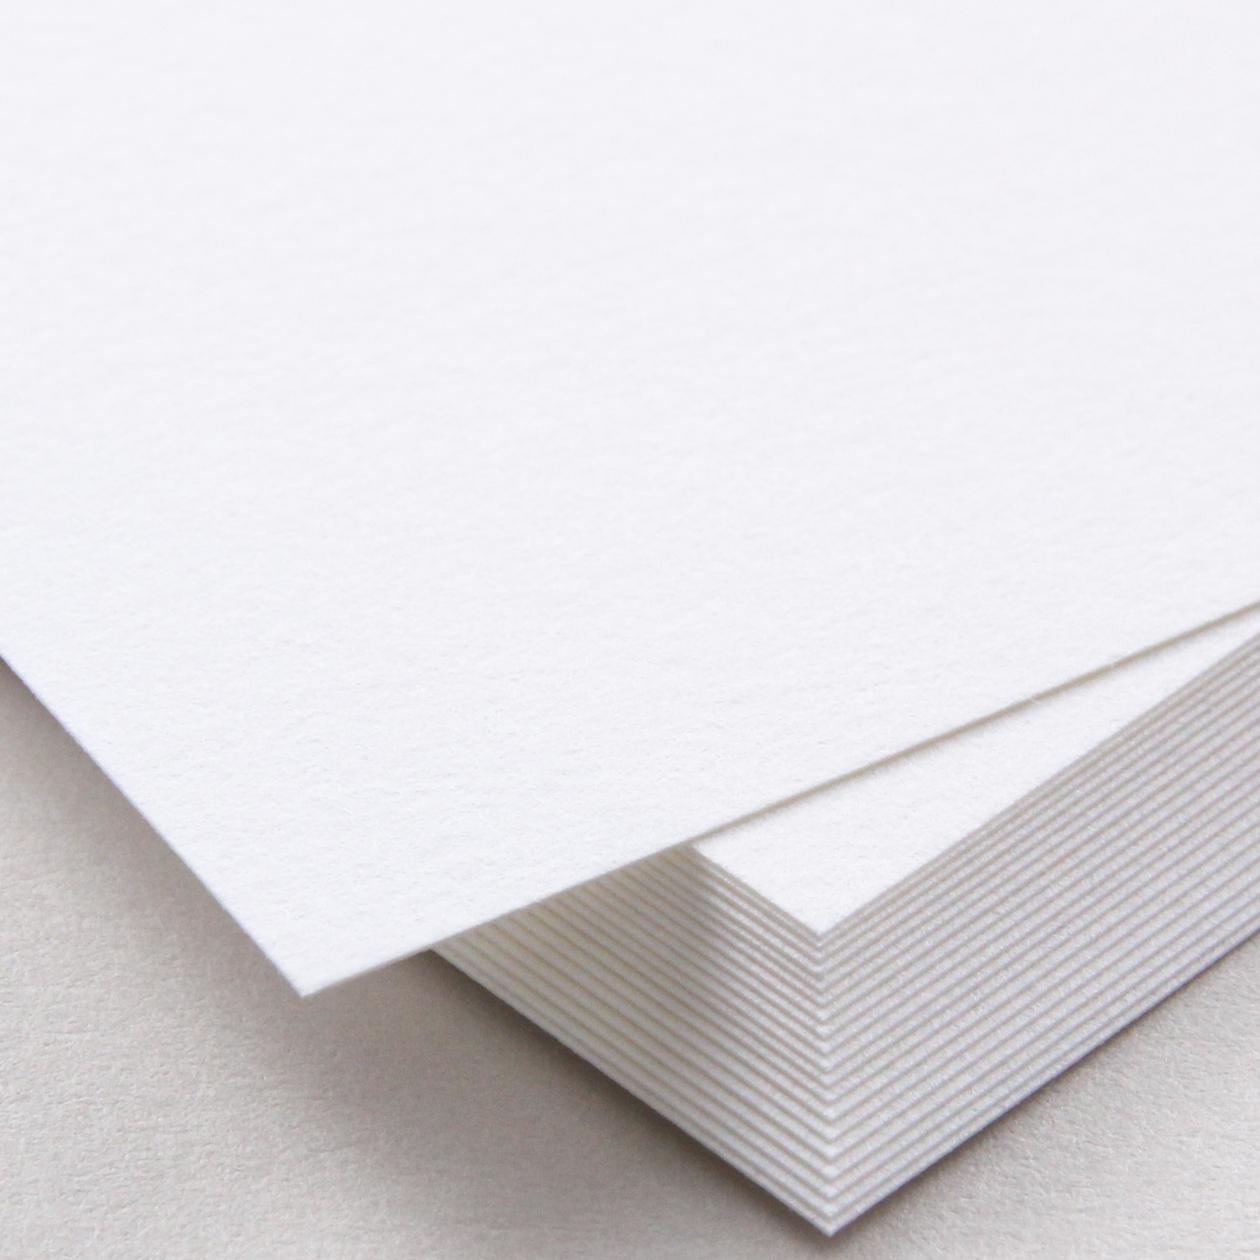 組箱 サイズA_06 コットン スノーホワイト 232.8g